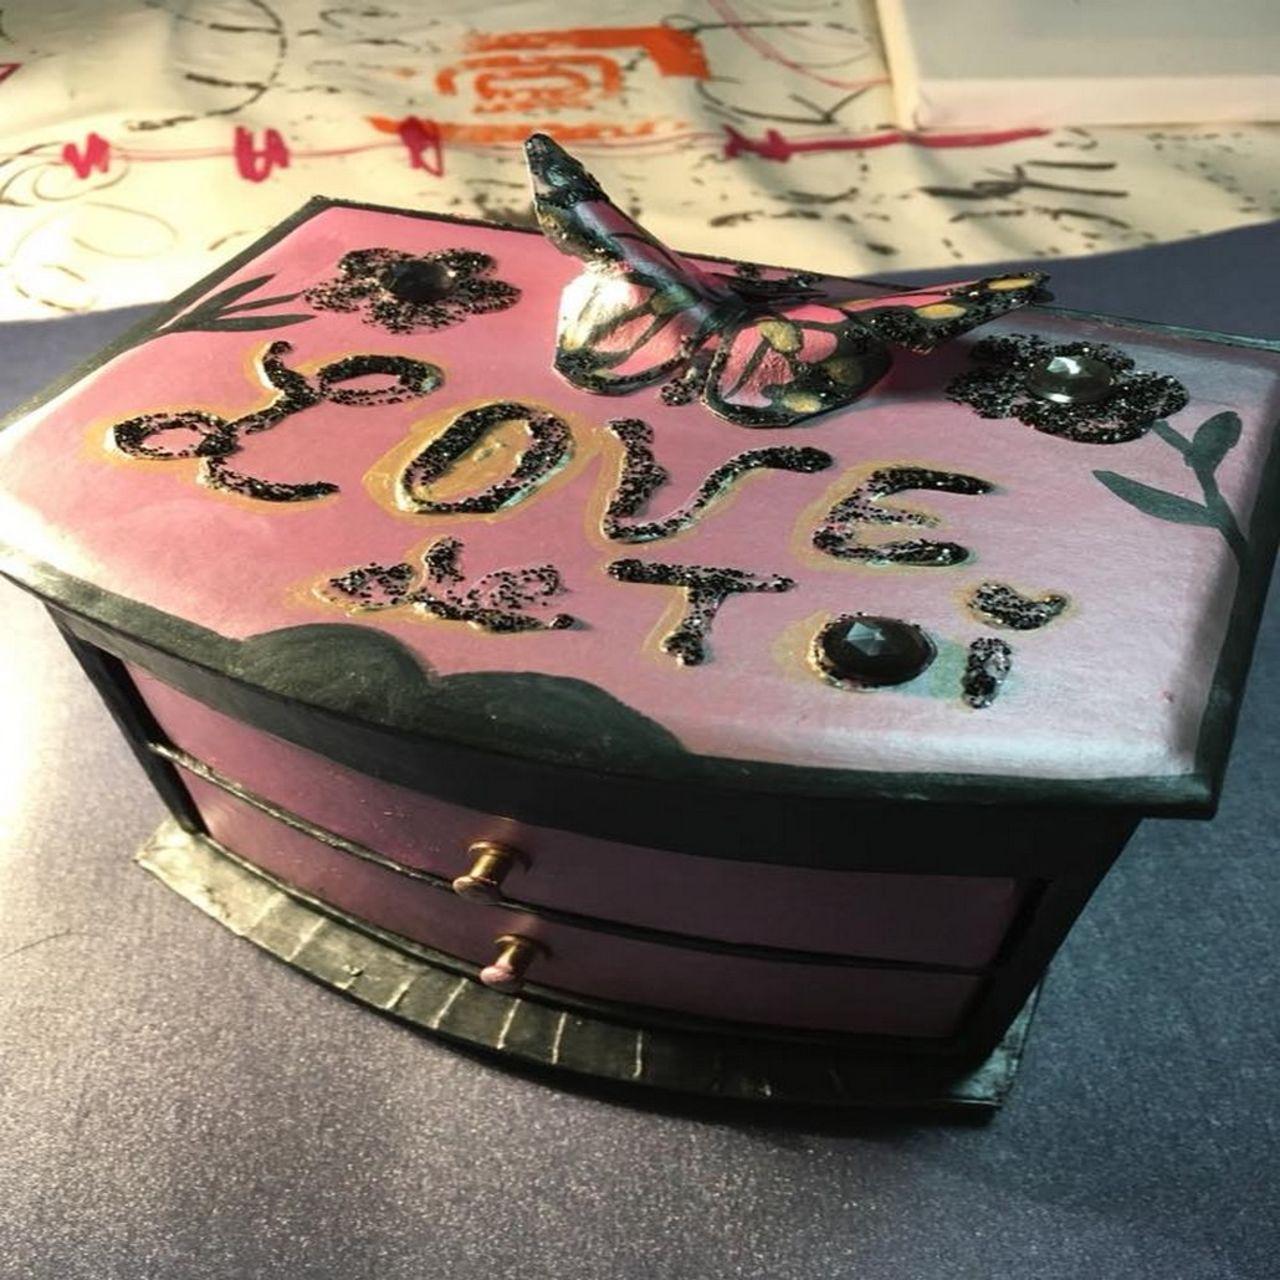 cué coffret a bijoux love de toi en peinture métalisée